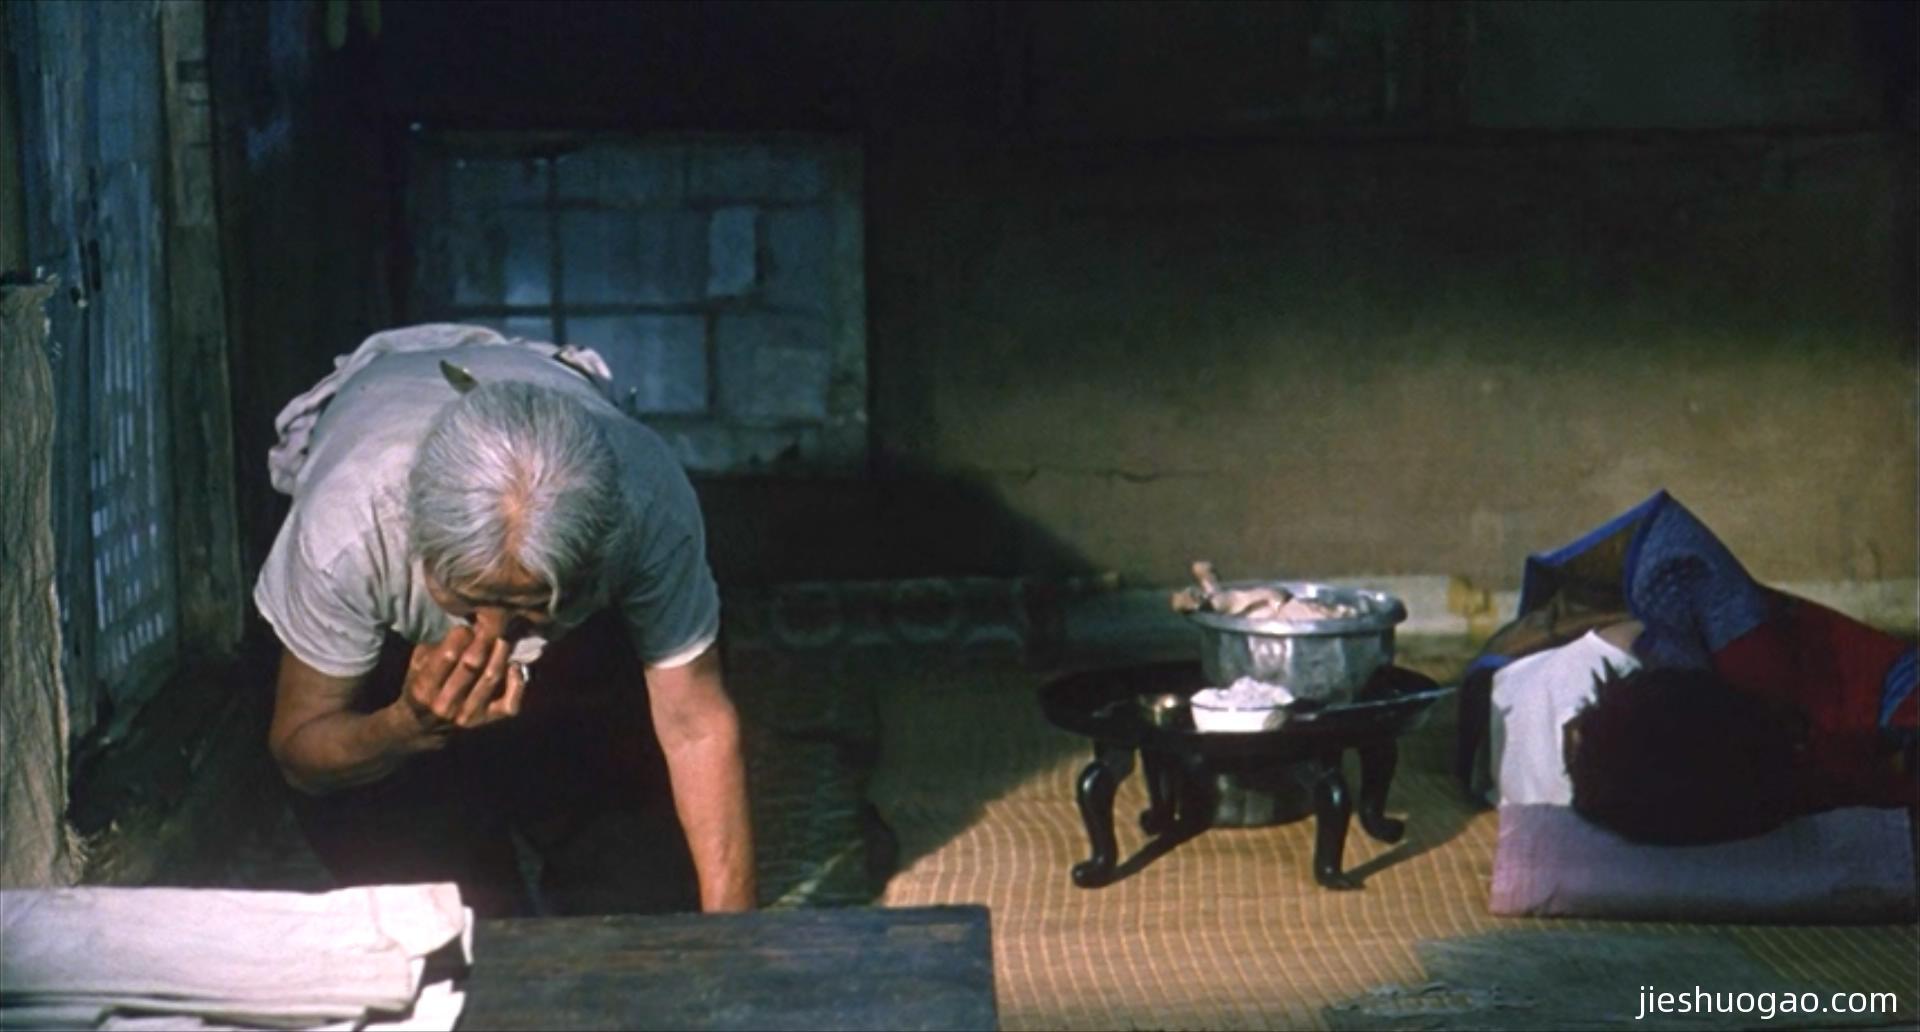 城里的孩子,乡下的外婆 |《外婆的家》8分钟2810字解说稿-第5张图片